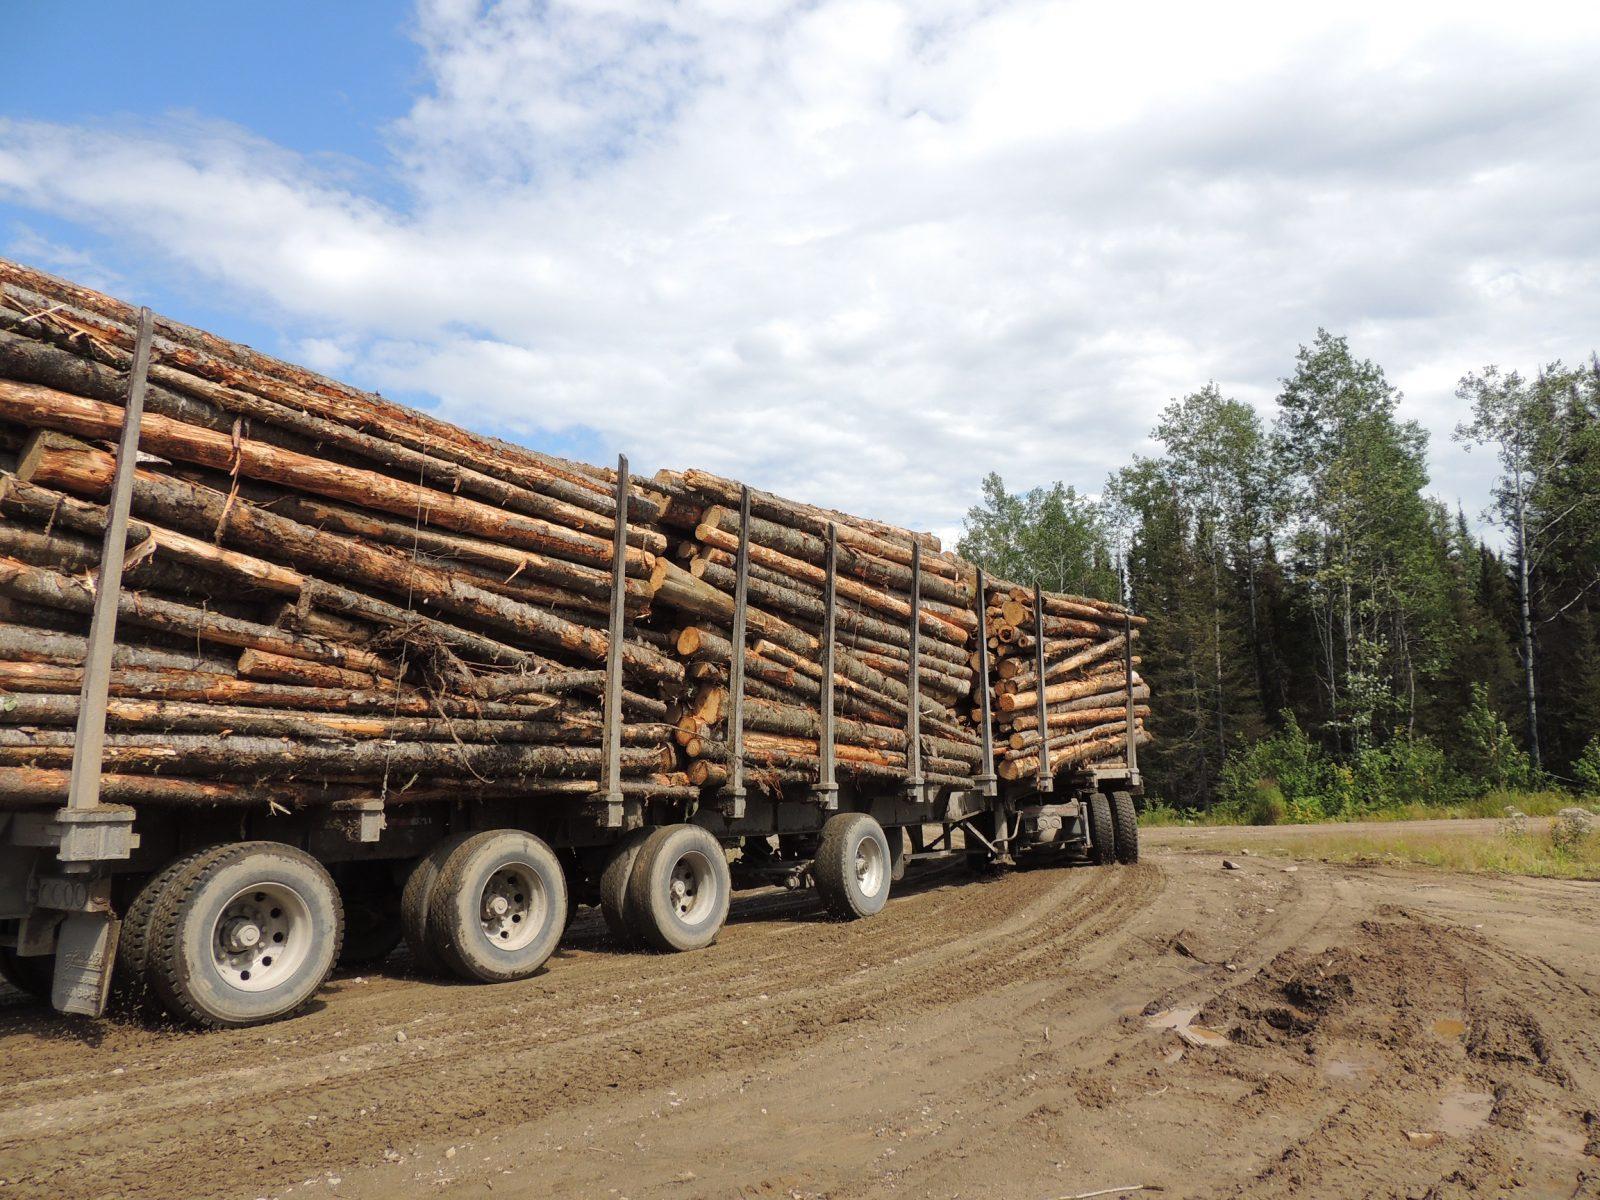 Industrie forestière : cri d'alarme pour plus de prévisibilité dans les approvisionnements